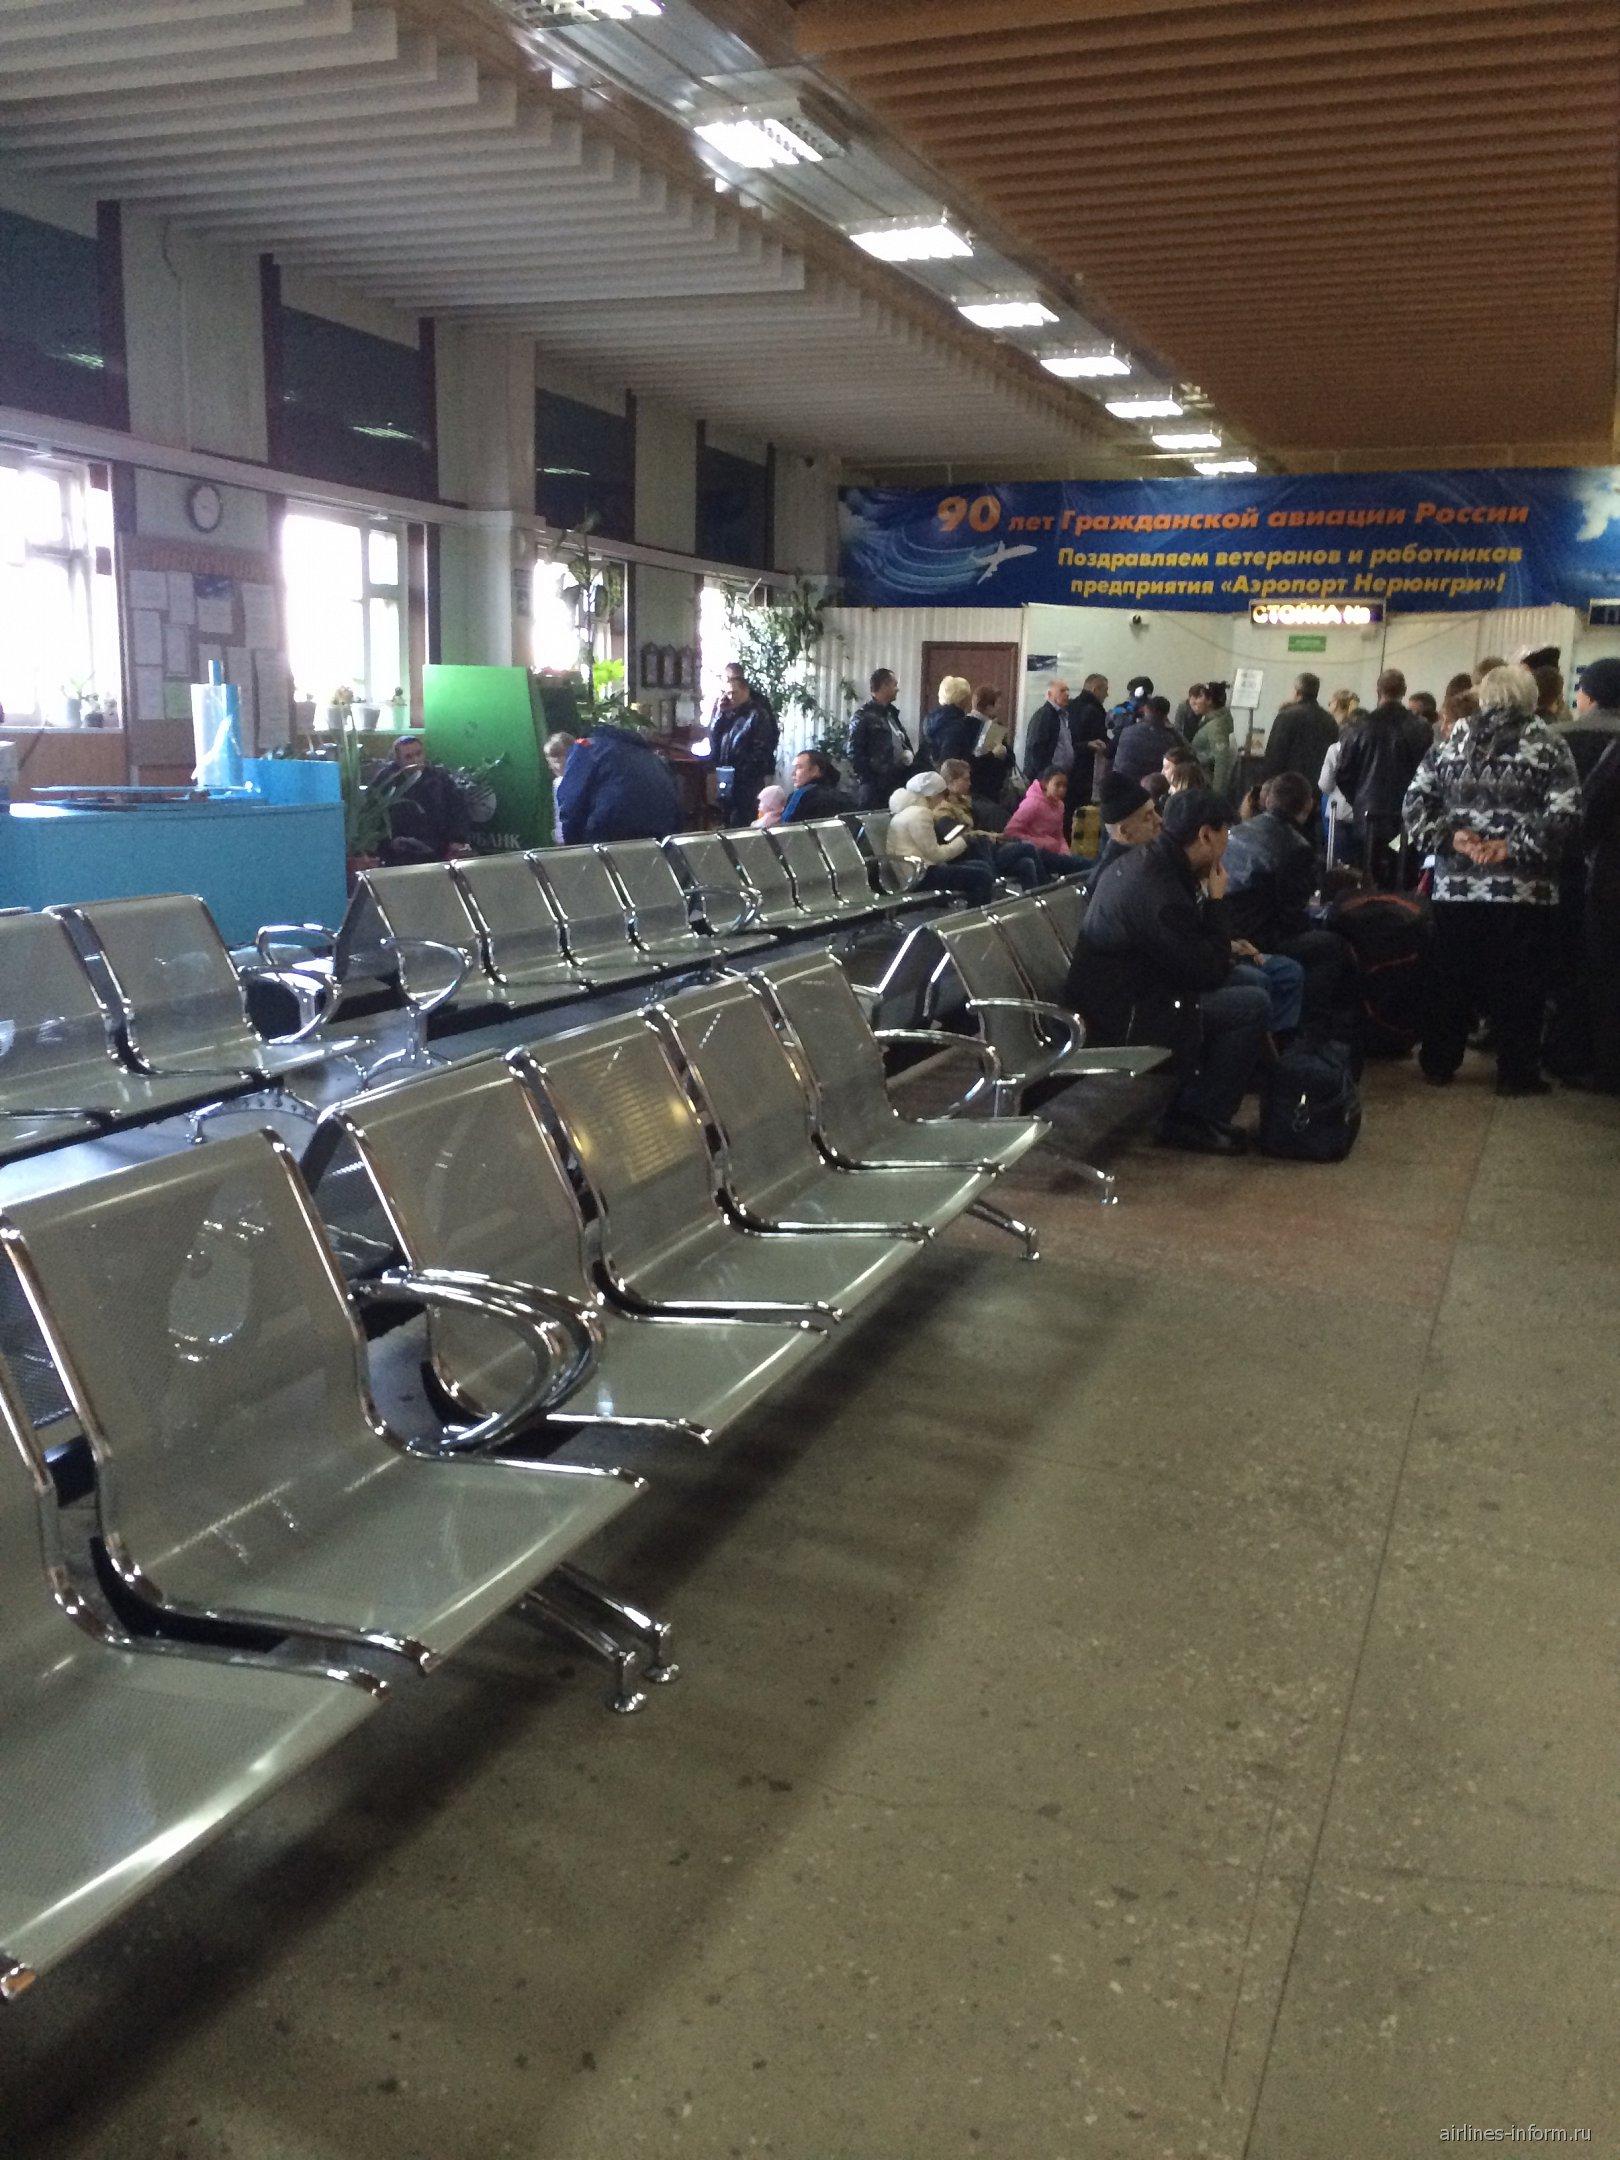 Аэропорт Нерюнгри